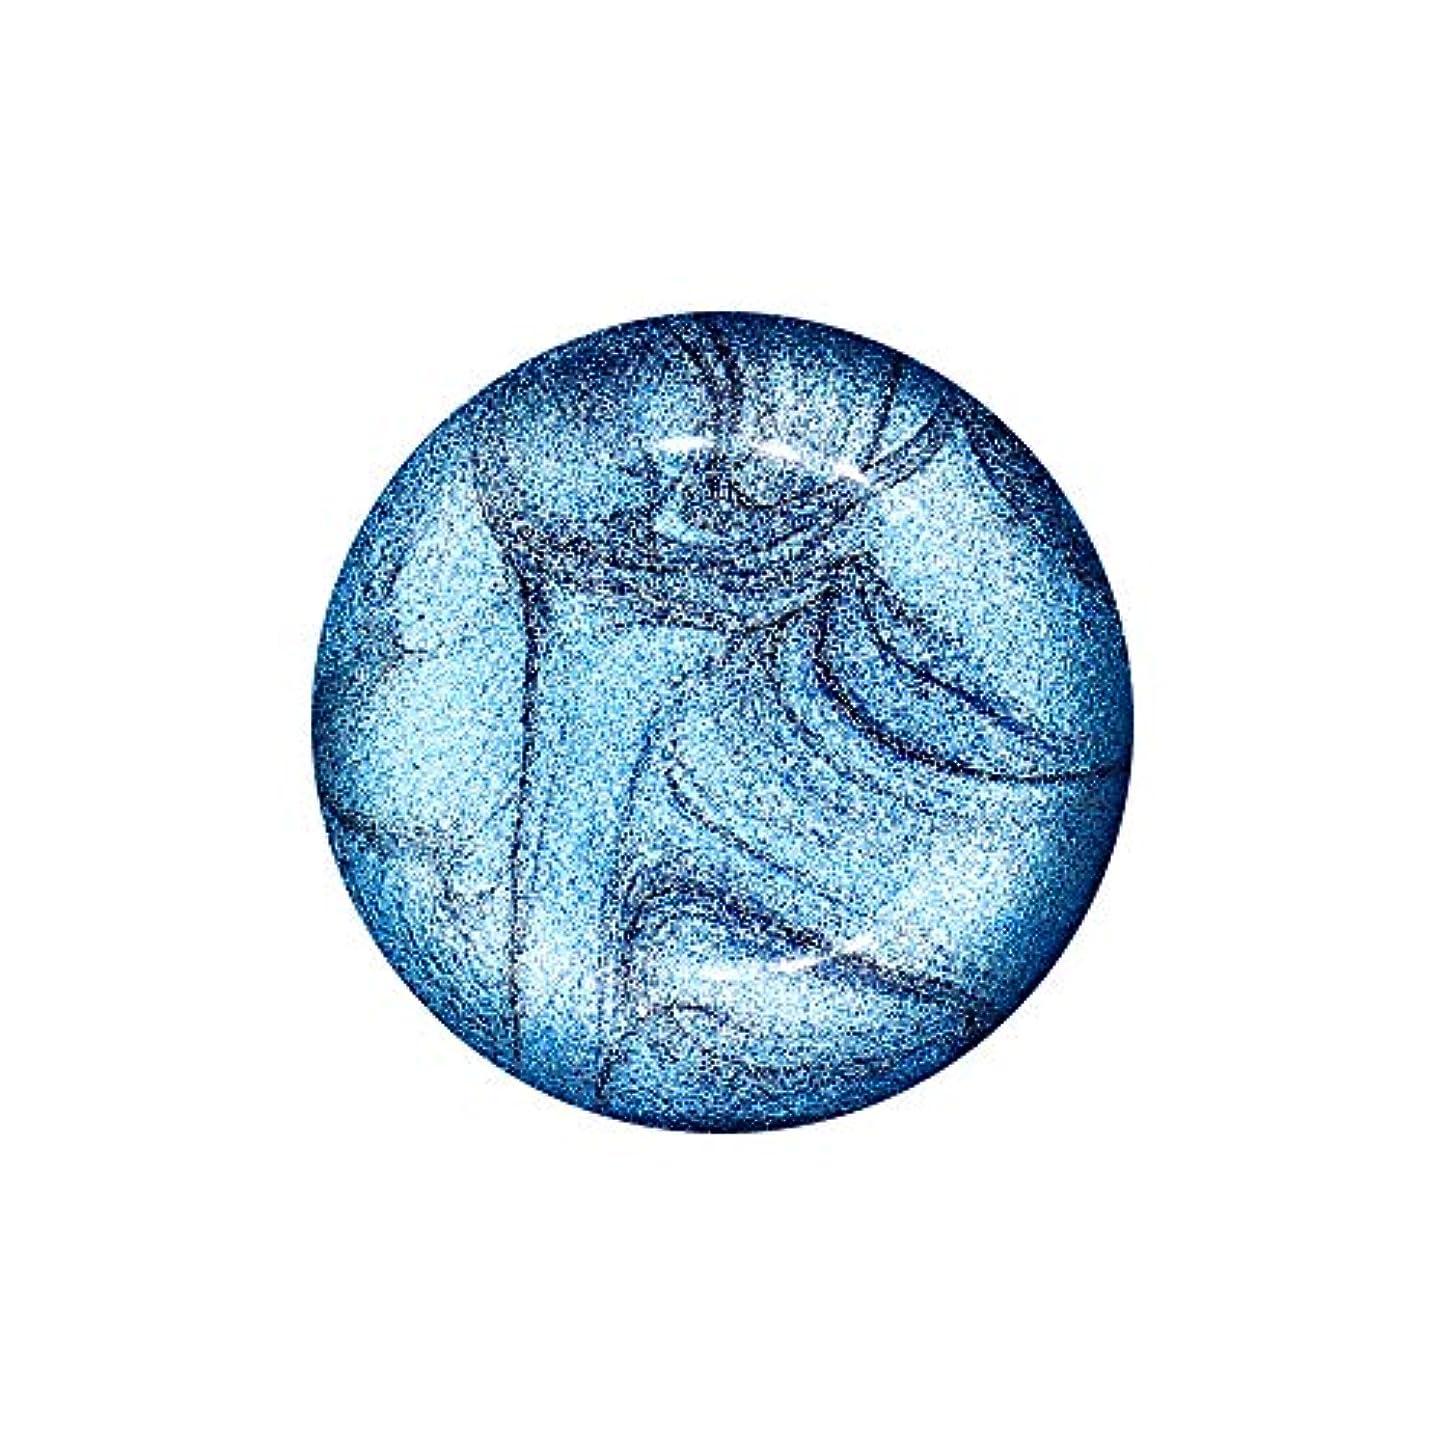 岩誘惑もっと少なくiro gel(イロジェル) ネイルタウンジェル カラーシルクジェル 3g入り シルクジェル スパイダージェル ラインジェル【ブルー】